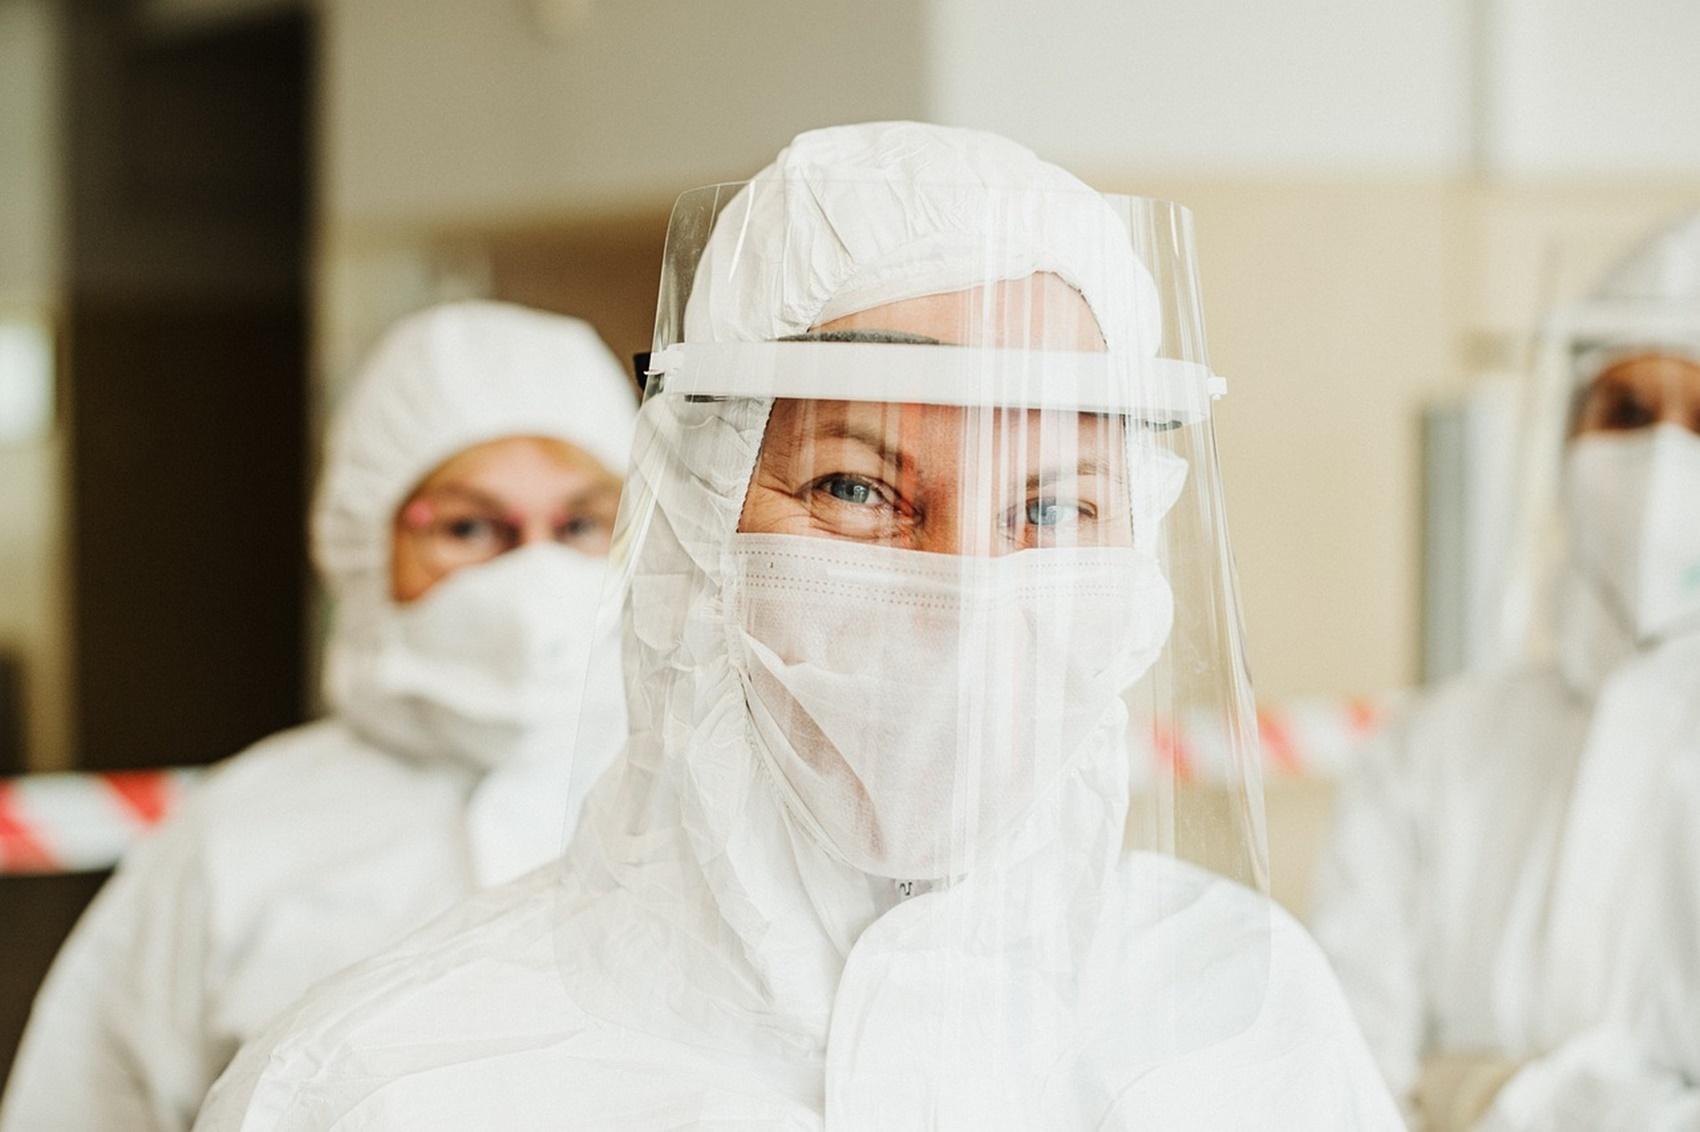 Vești bune pentru români. Ce se întâmplă cu evoluția pandemiei de coronavirus